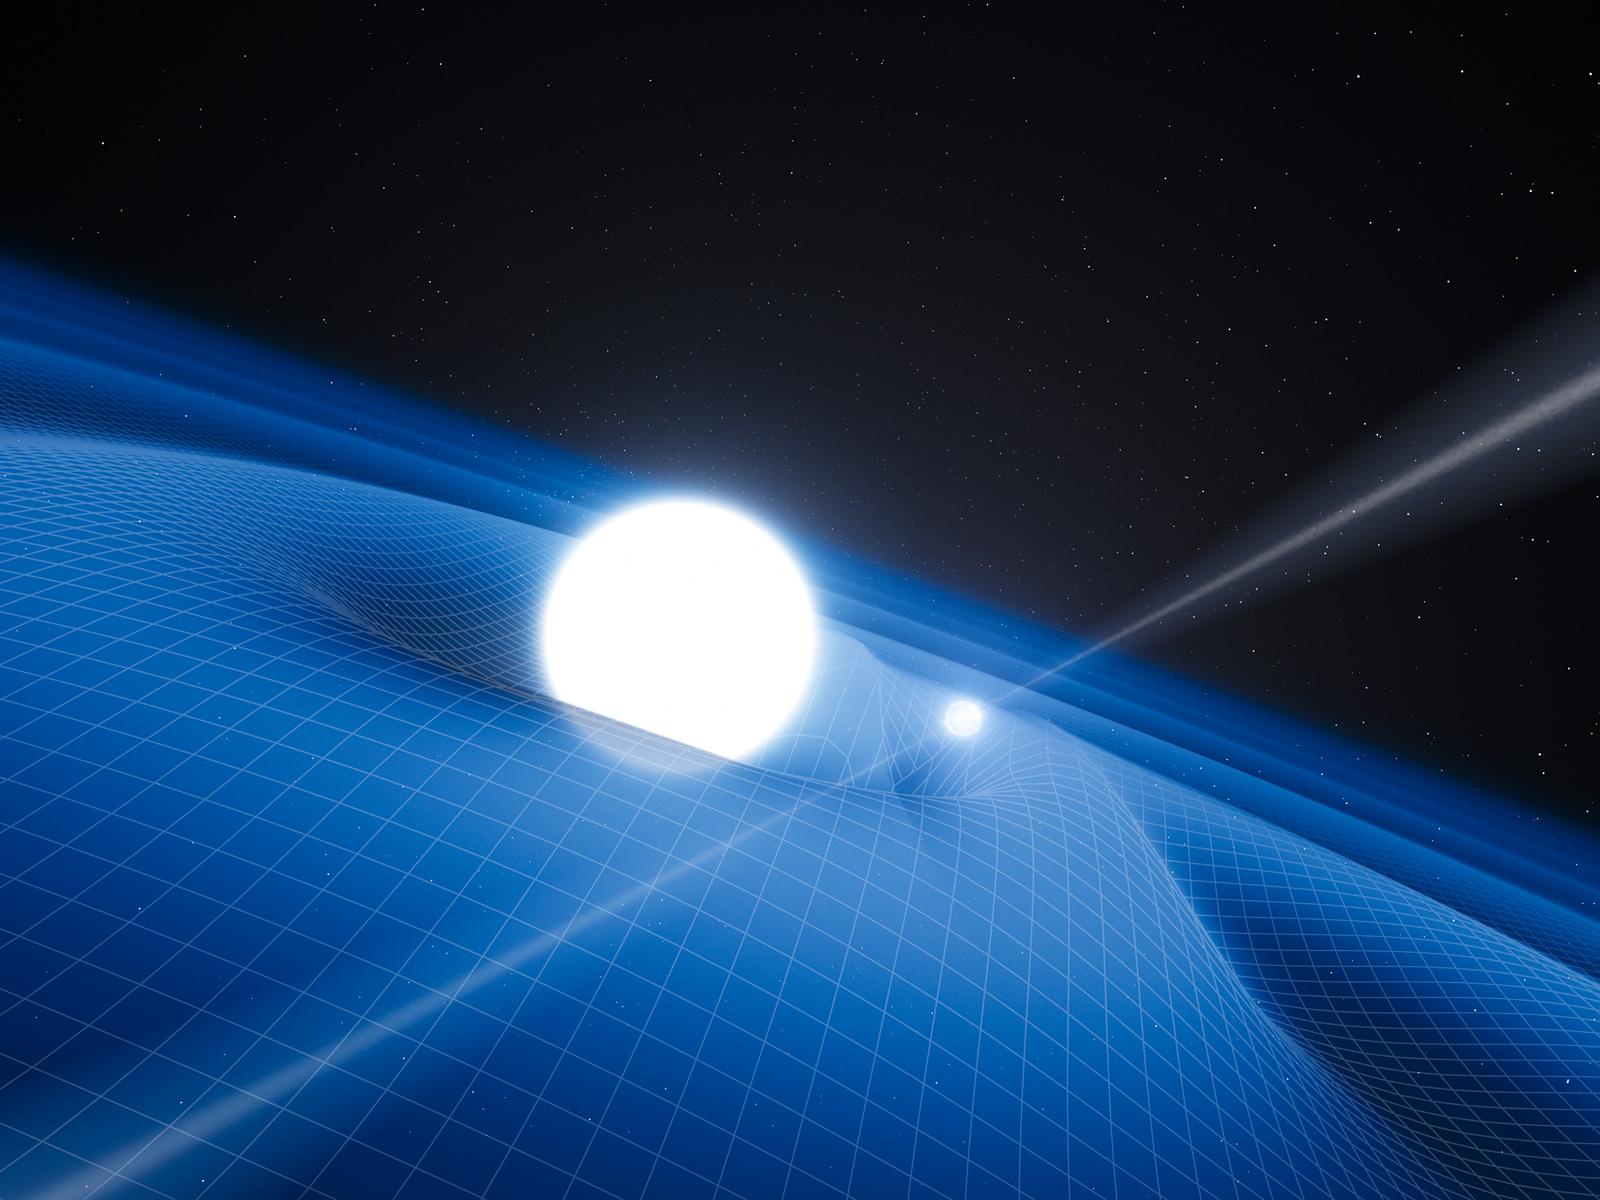 Onde-gravitazionali-la-sensazionale-scoperta-sarà-annunciata-l-11-febbraio